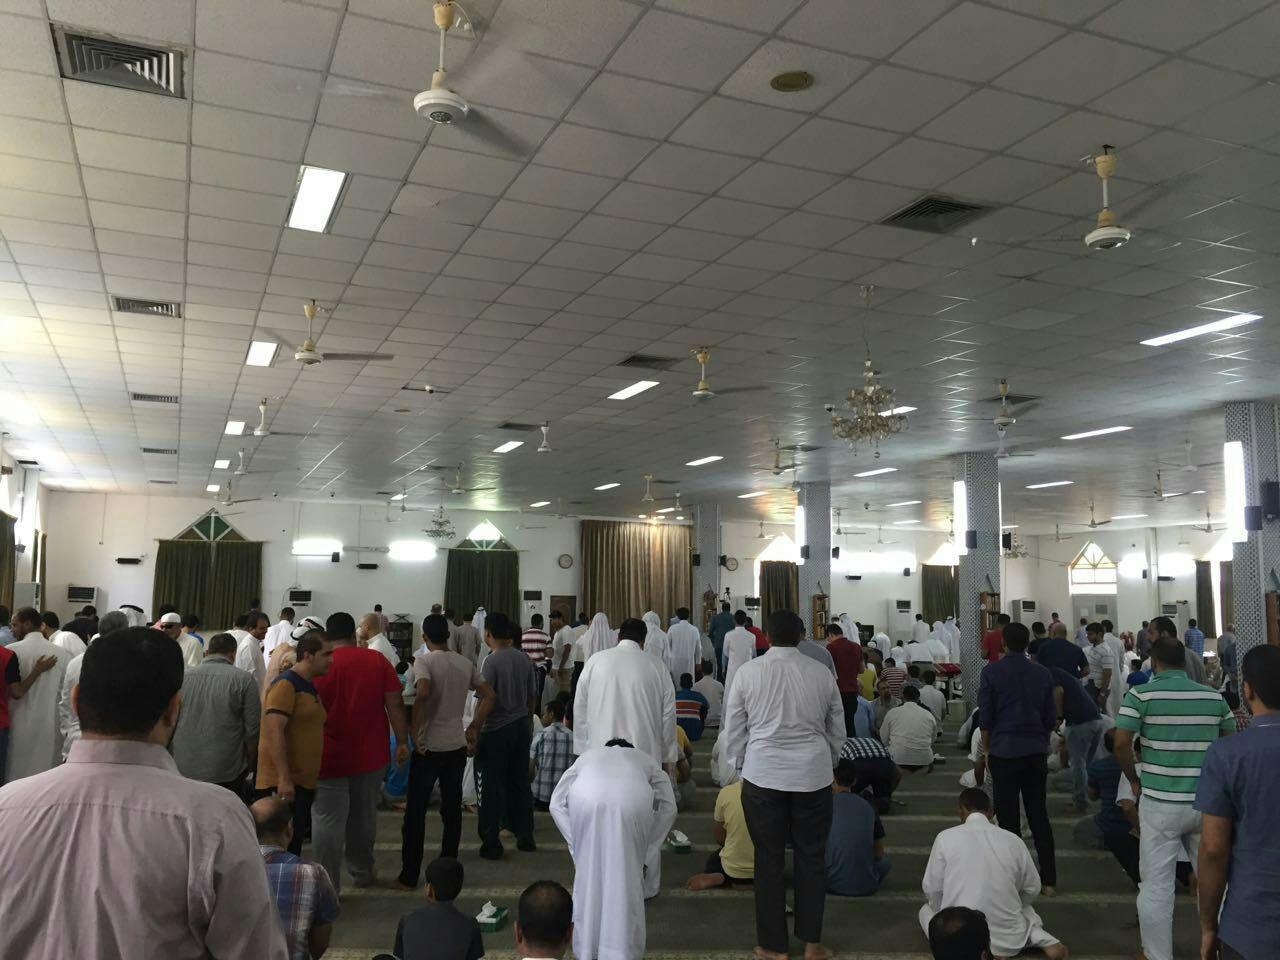 Imam_Sadeq_mosque